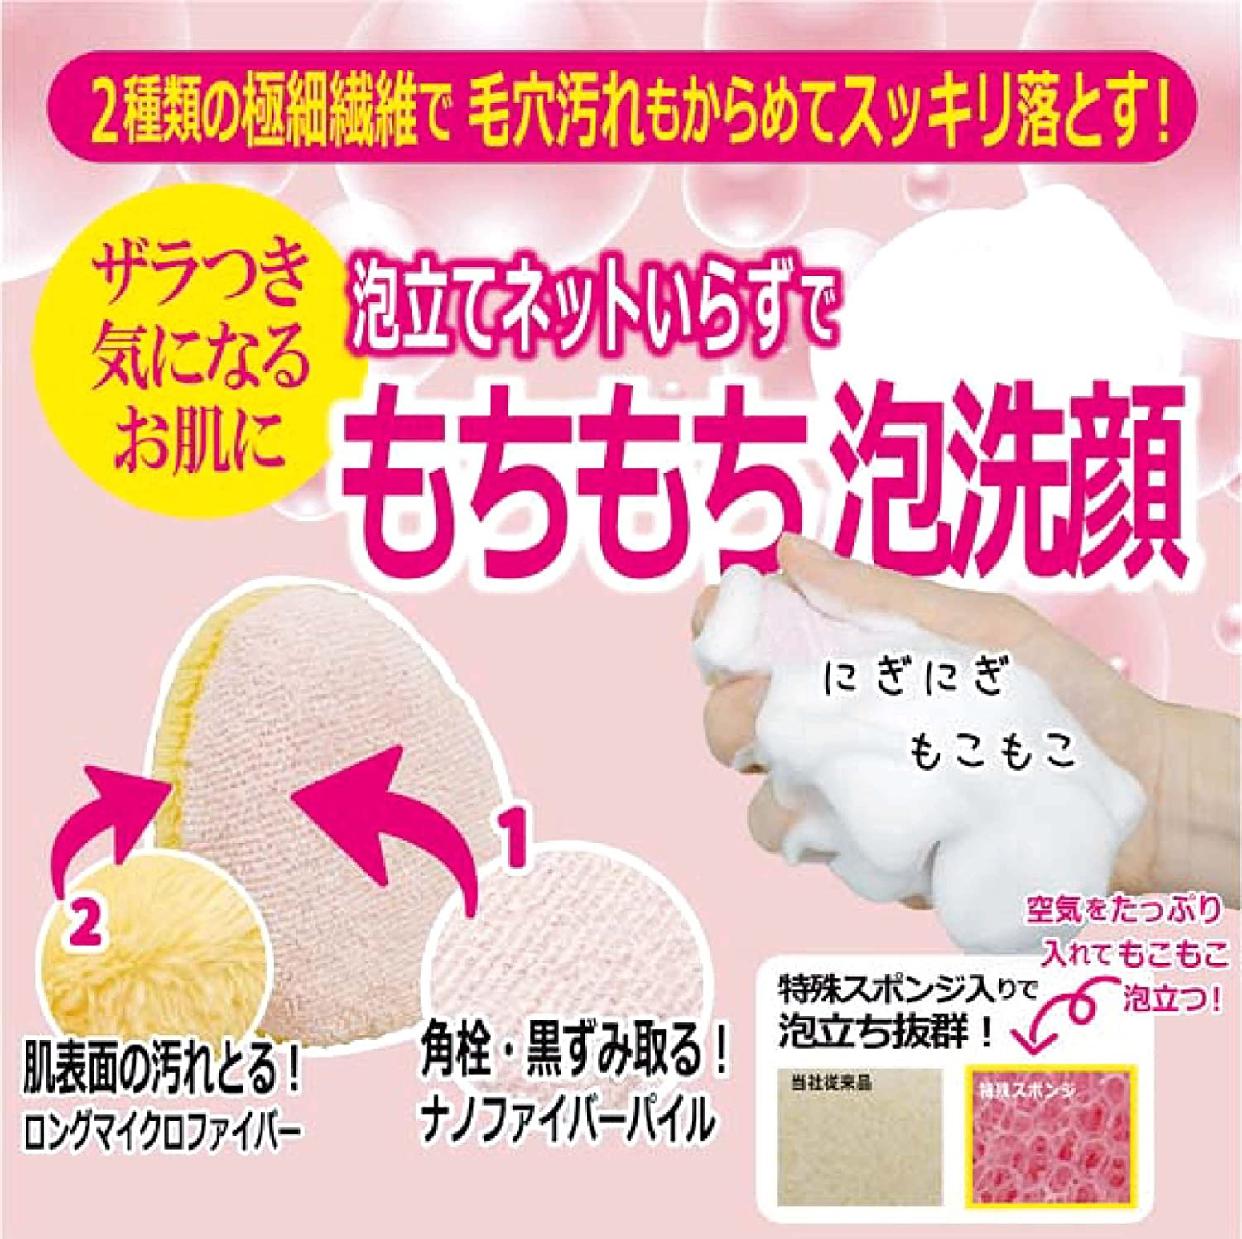 日本パフ(にほんぱふ)角栓・角質 お肌すっきりパフの商品画像2